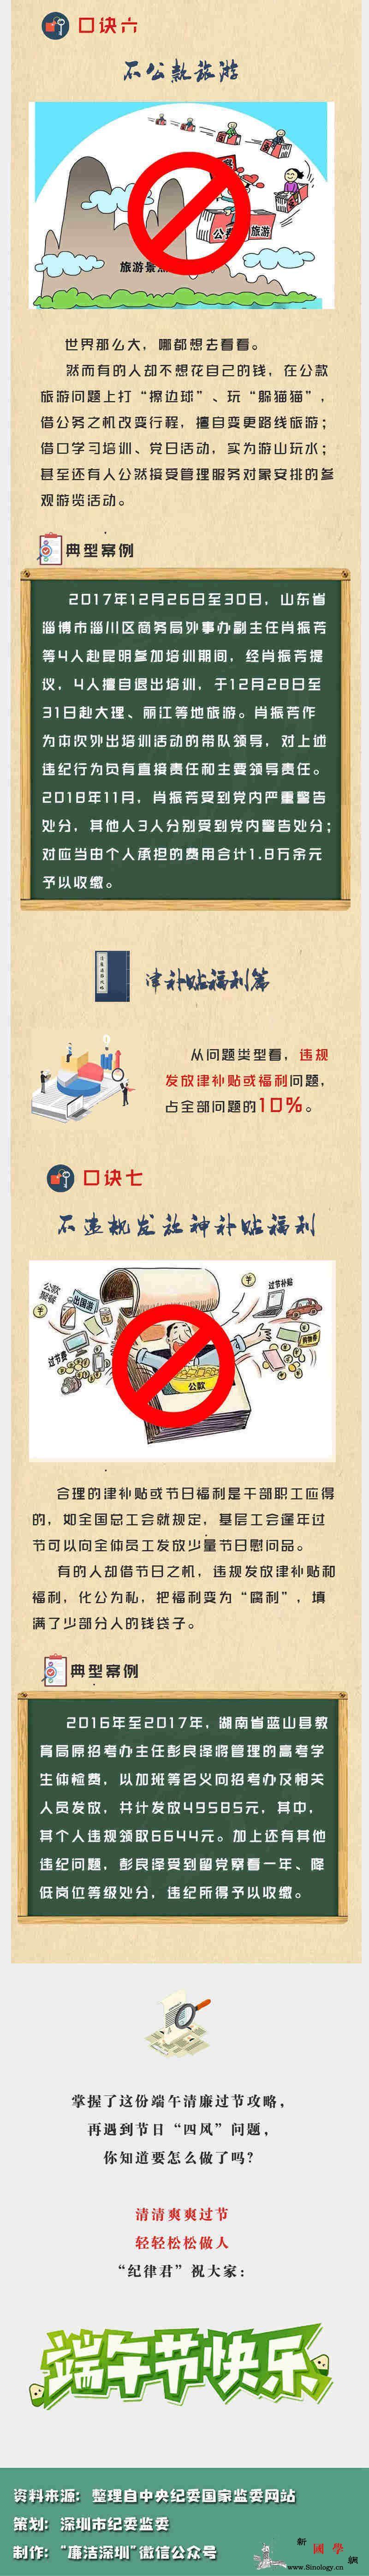 图解丨公职人员端午清廉过节攻略_深圳市-纪委-监委-